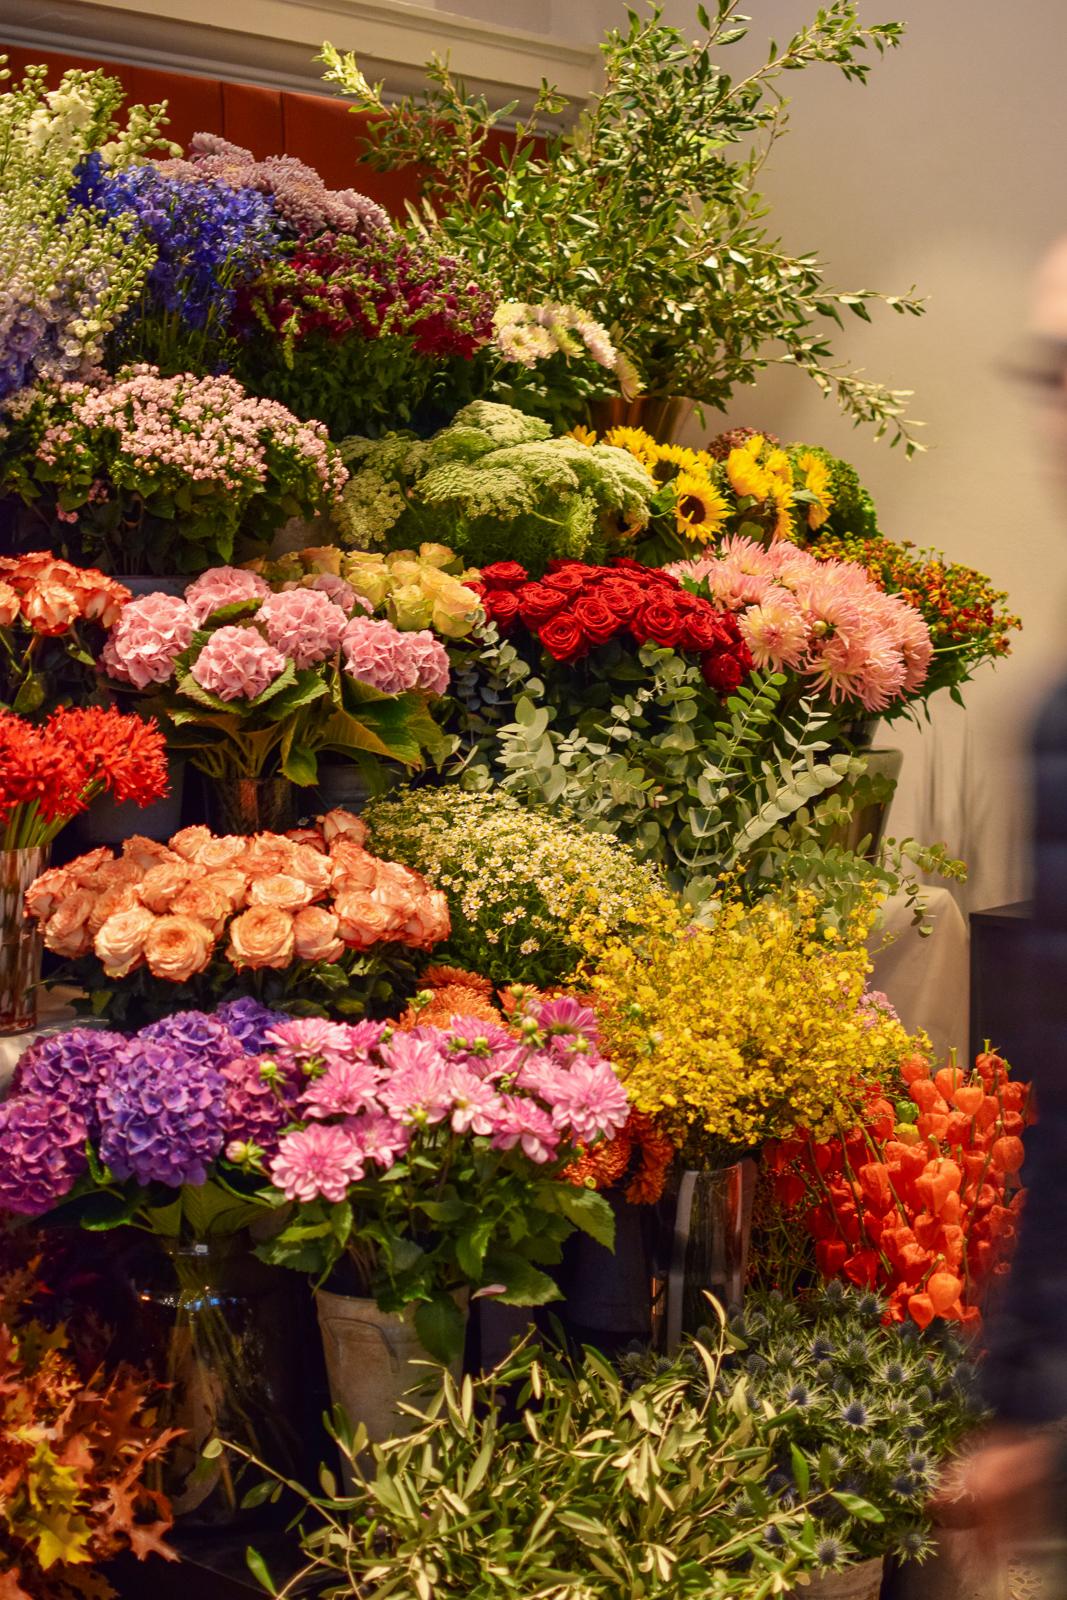 Bloemenboetiek at The Jane - Degroote Bloemen